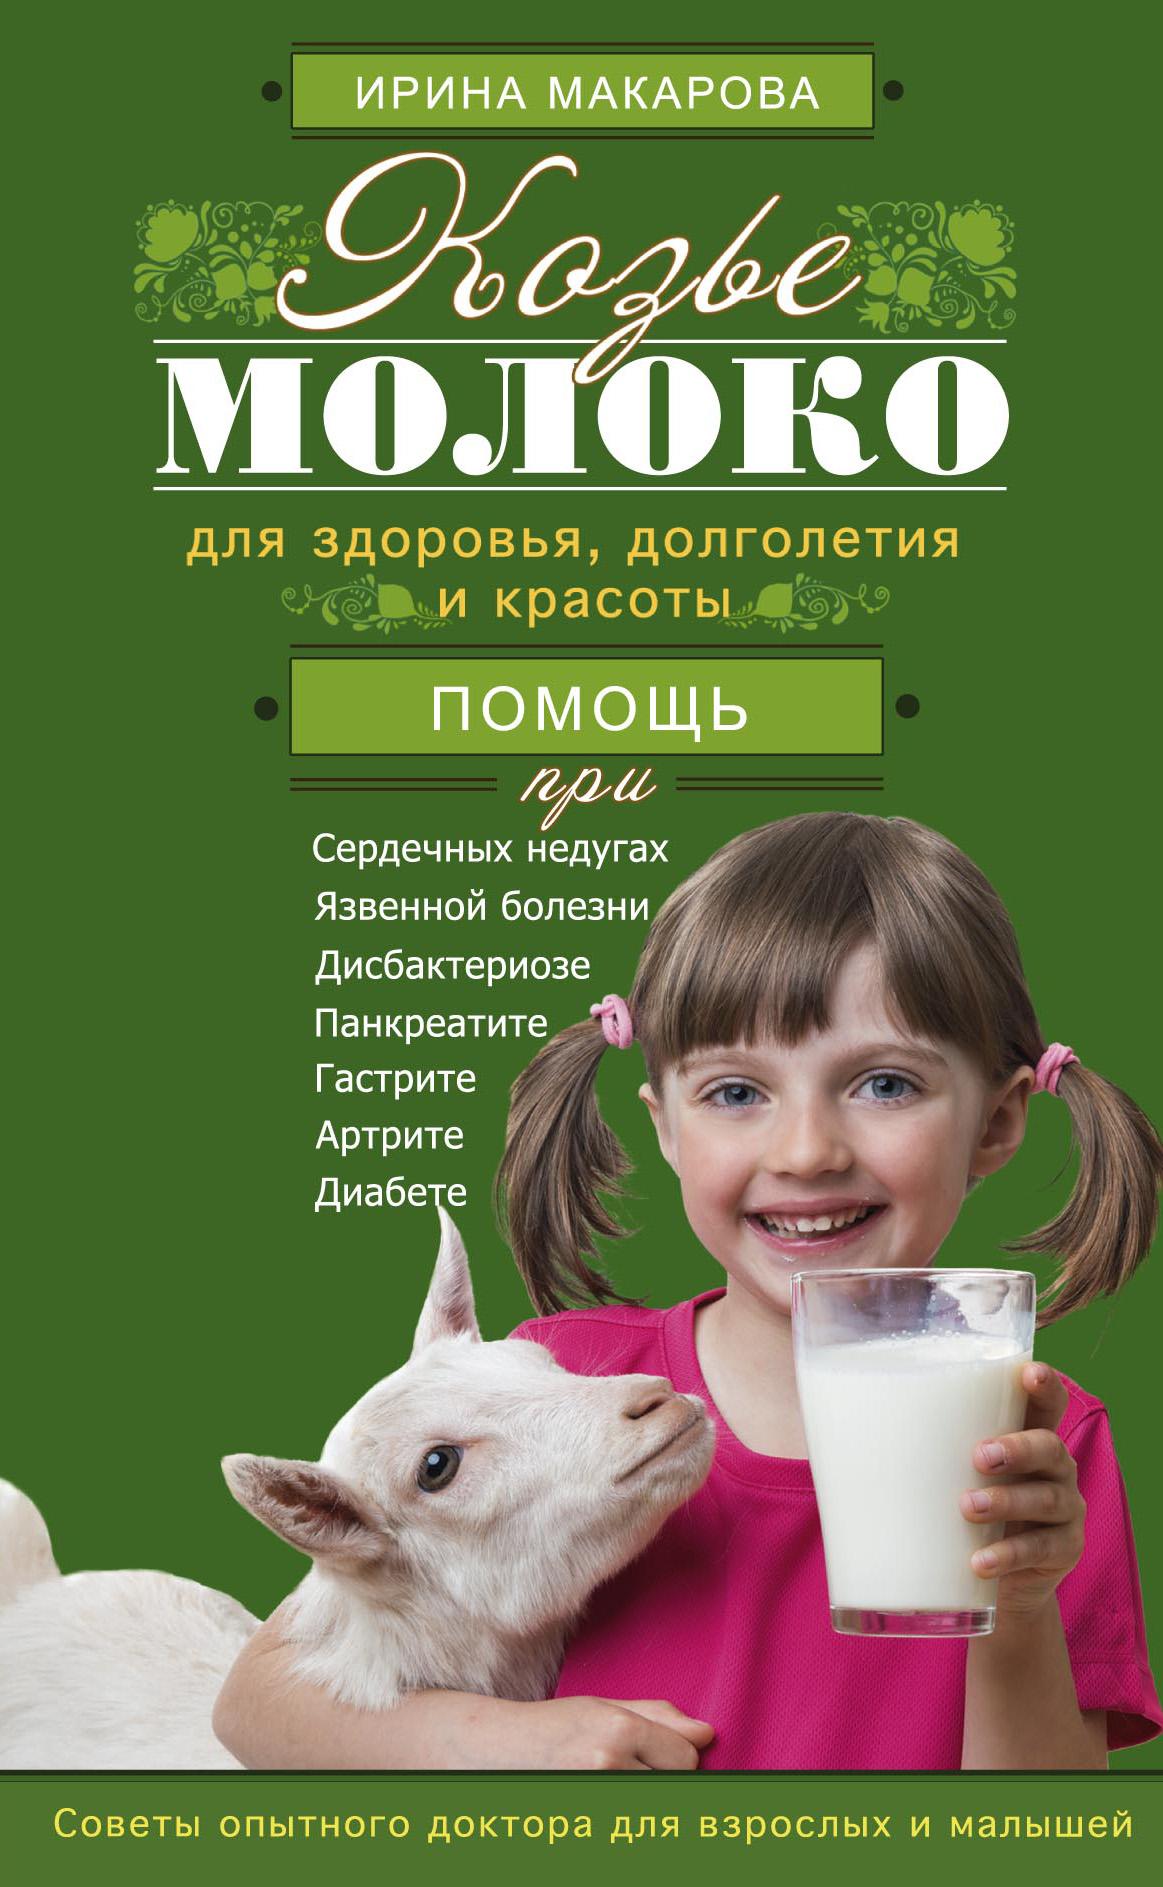 Ирина Макарова «Козье молоко для здоровья, долголетия и красоты. Советы опытного доктора для взрослых и малышей»